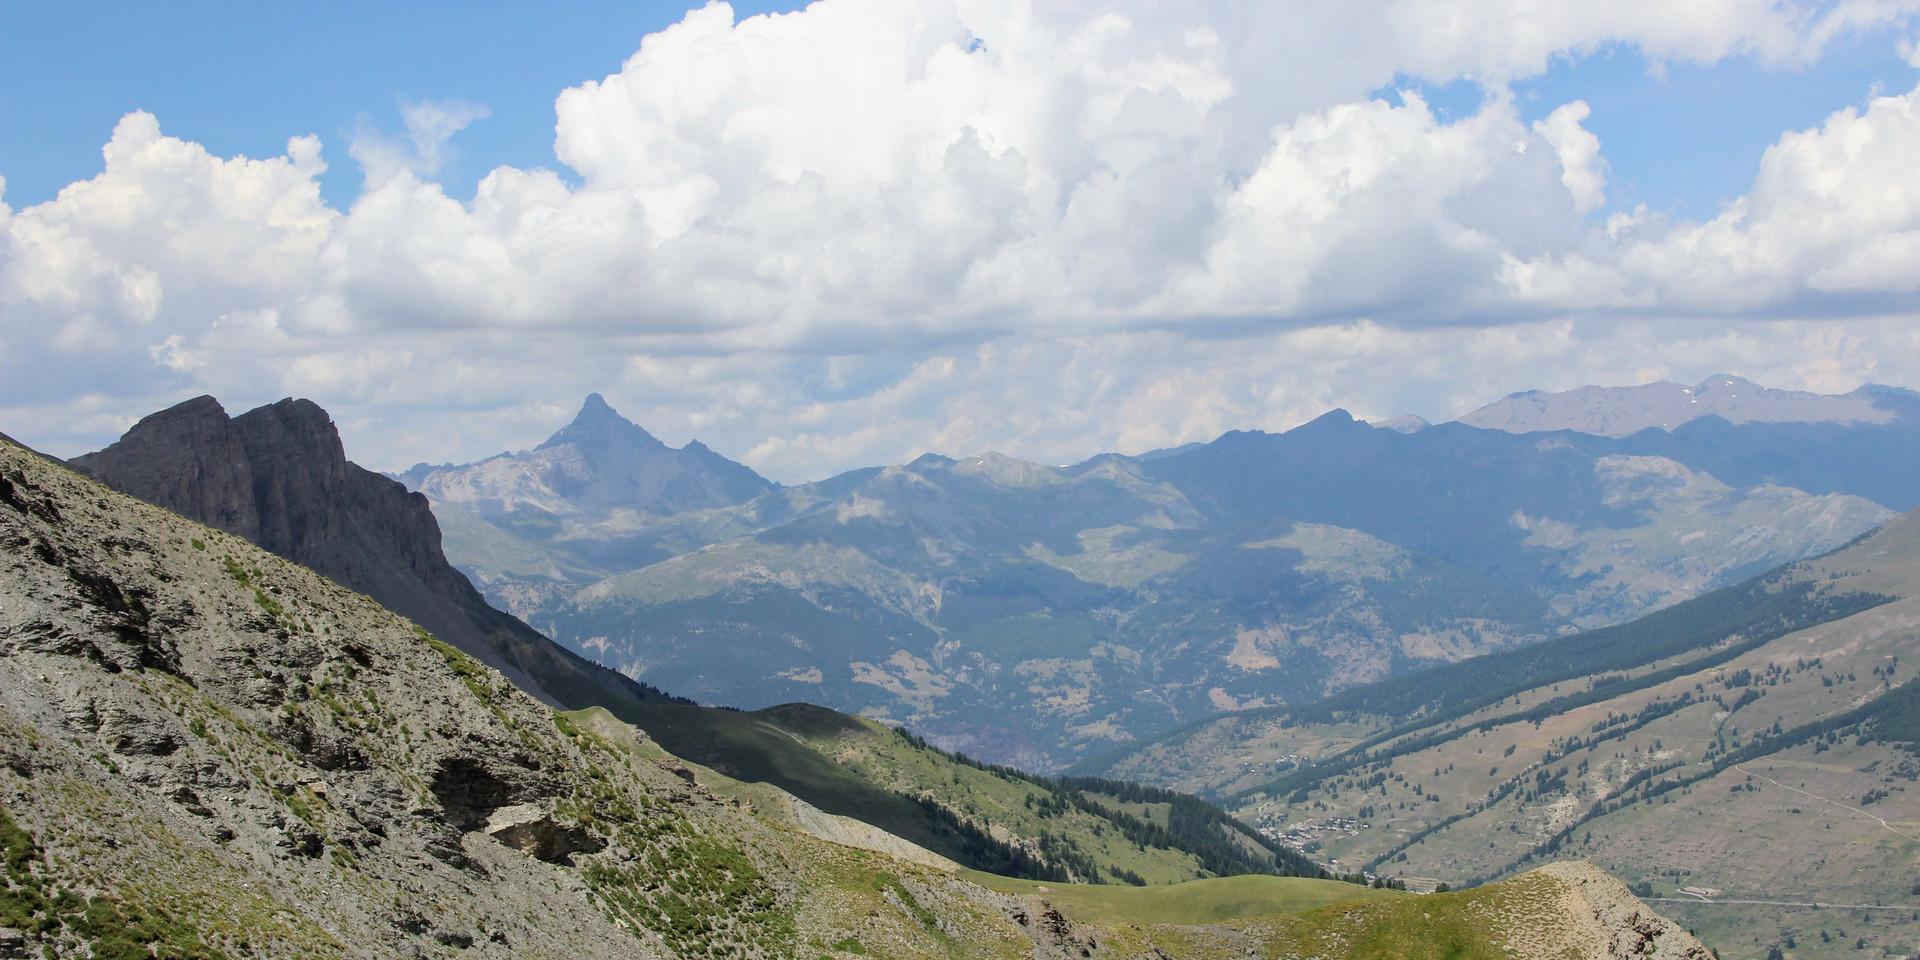 Au loin de pic de Rochebrune (3321 m)